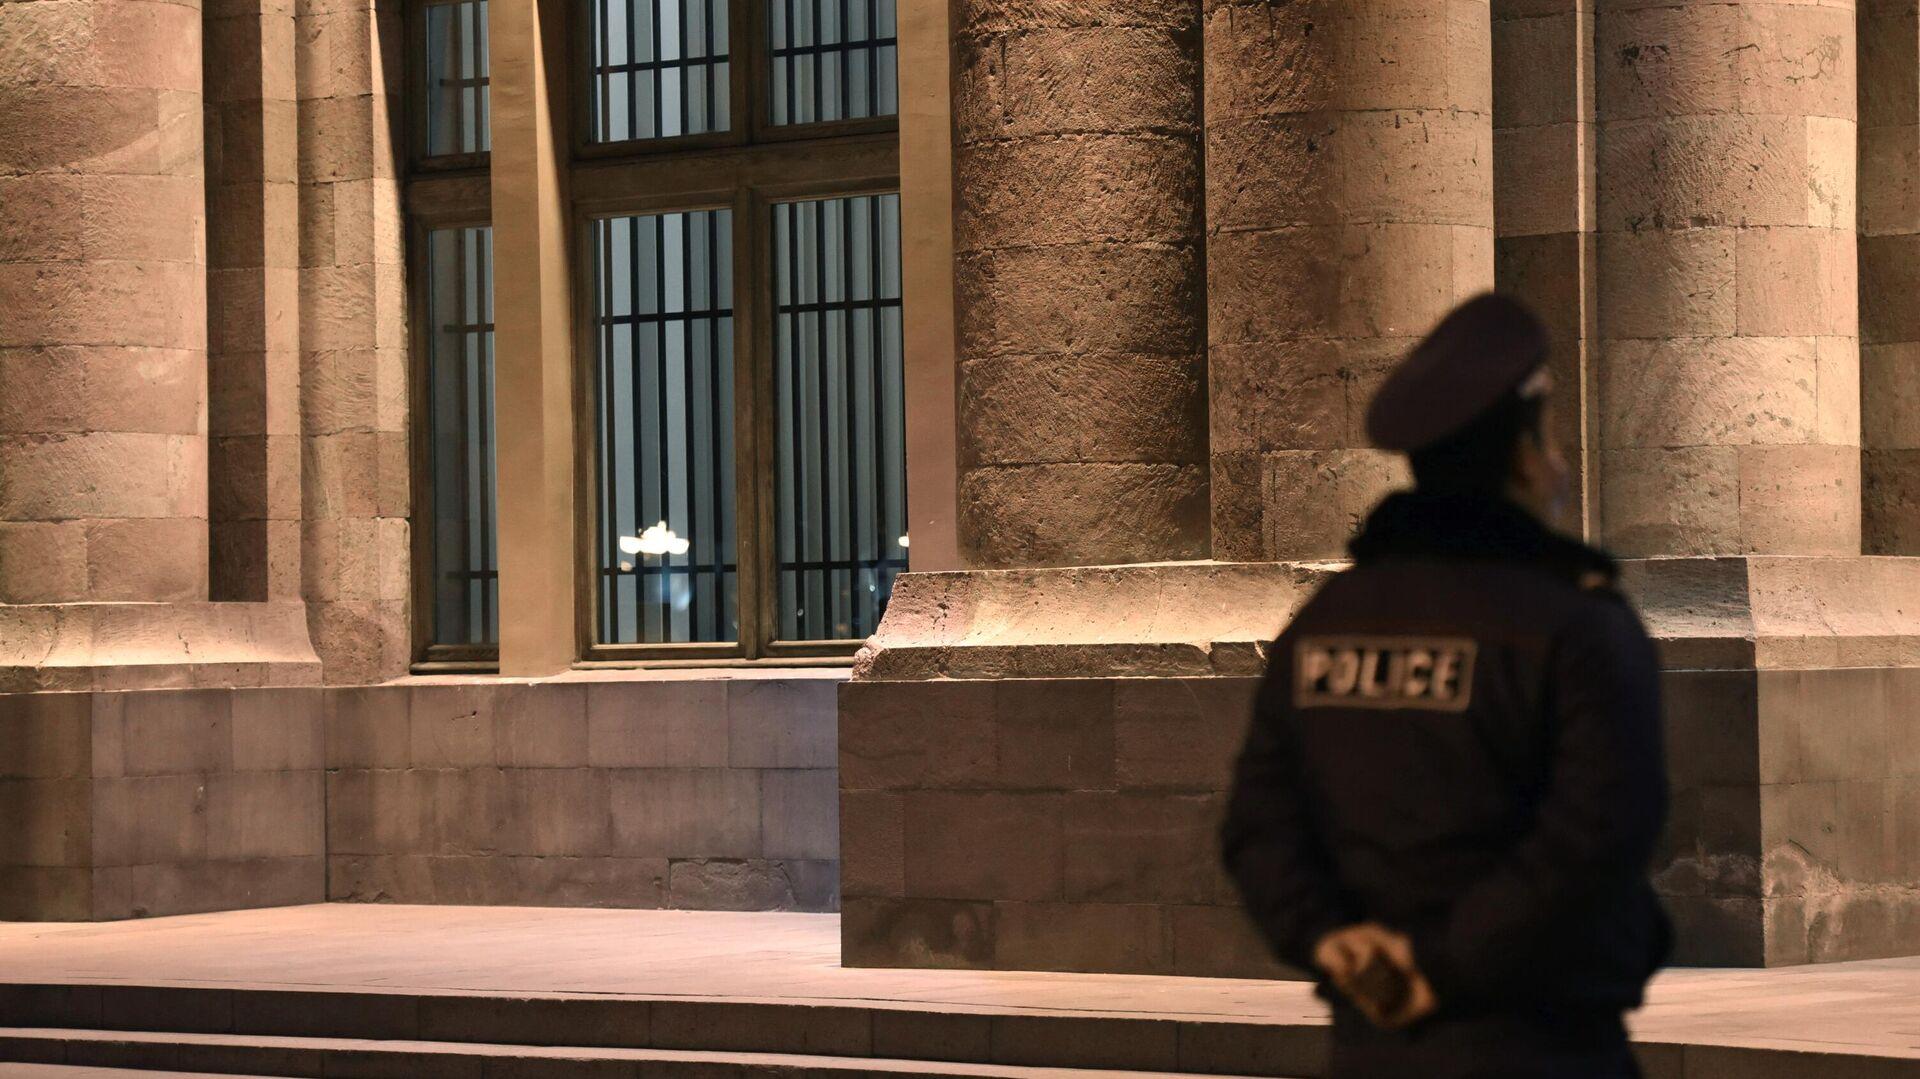 Решетки, установленные на входных дверях и окнах в здании правительства Армении - РИА Новости, 1920, 20.11.2020